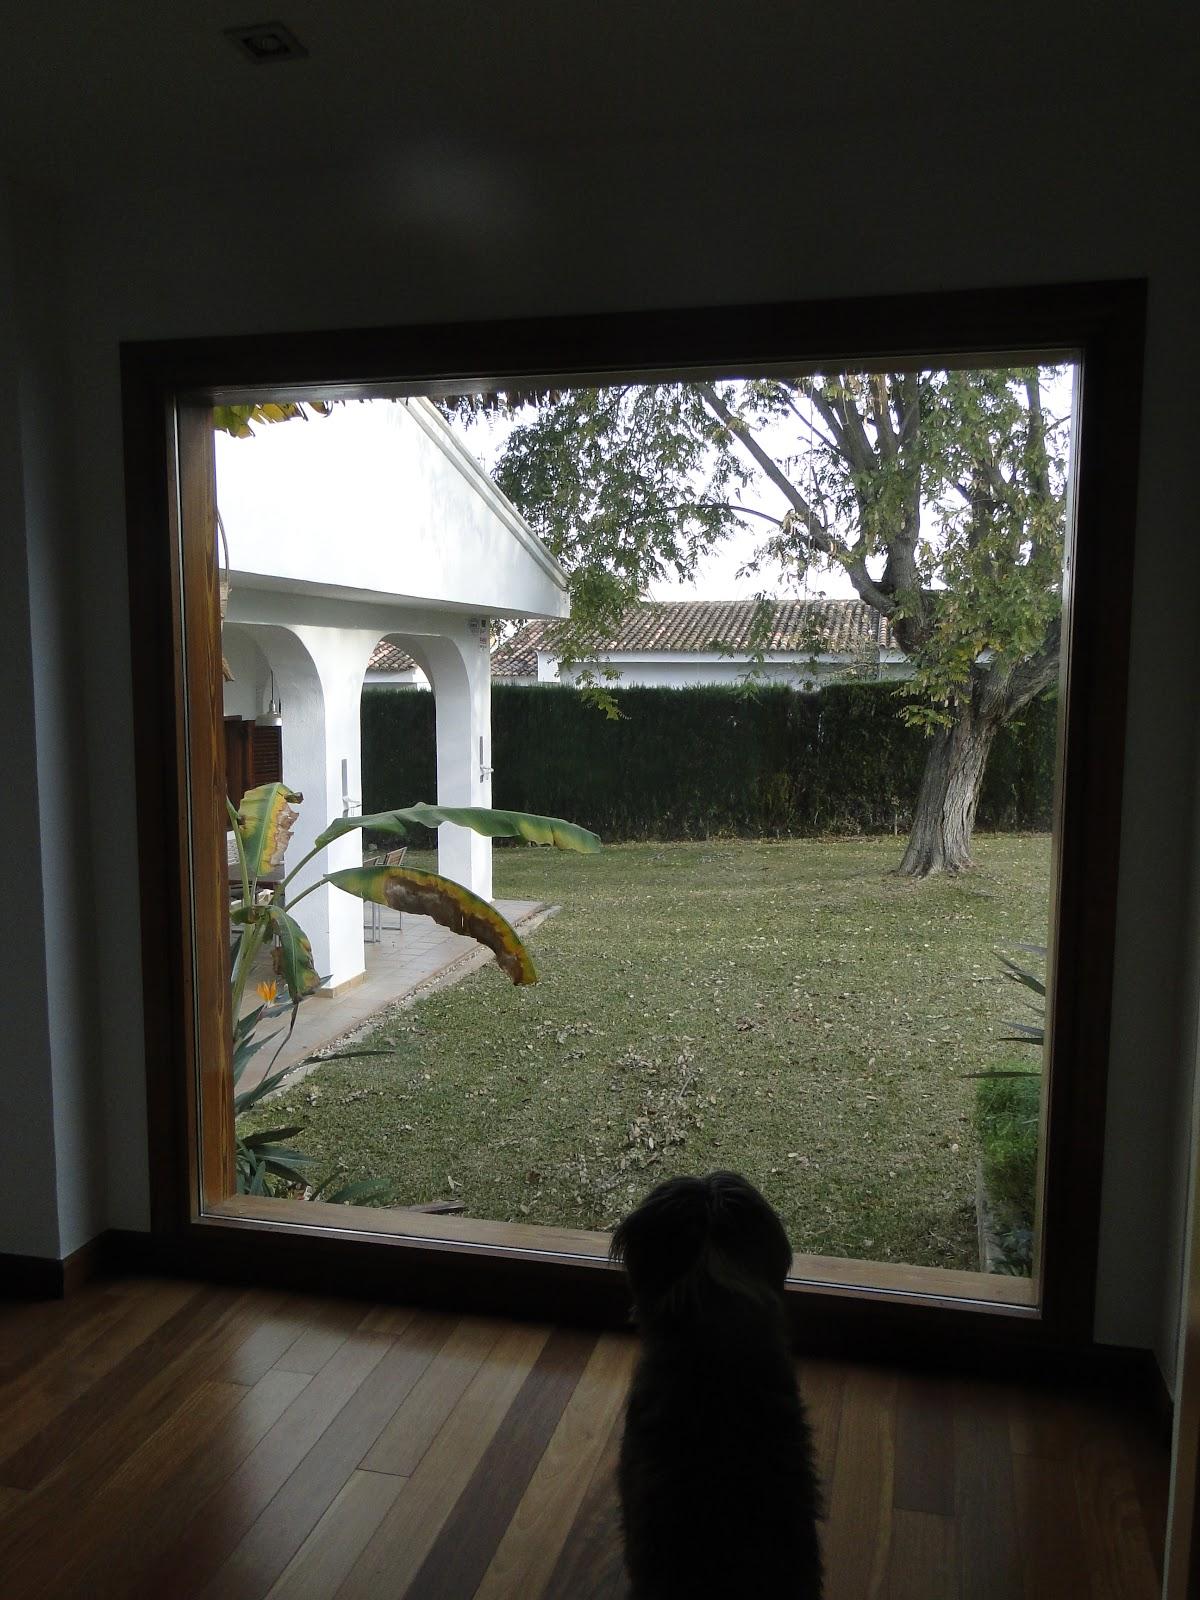 Planos low cost pasillo con luz natural - Casas con luz natural ...